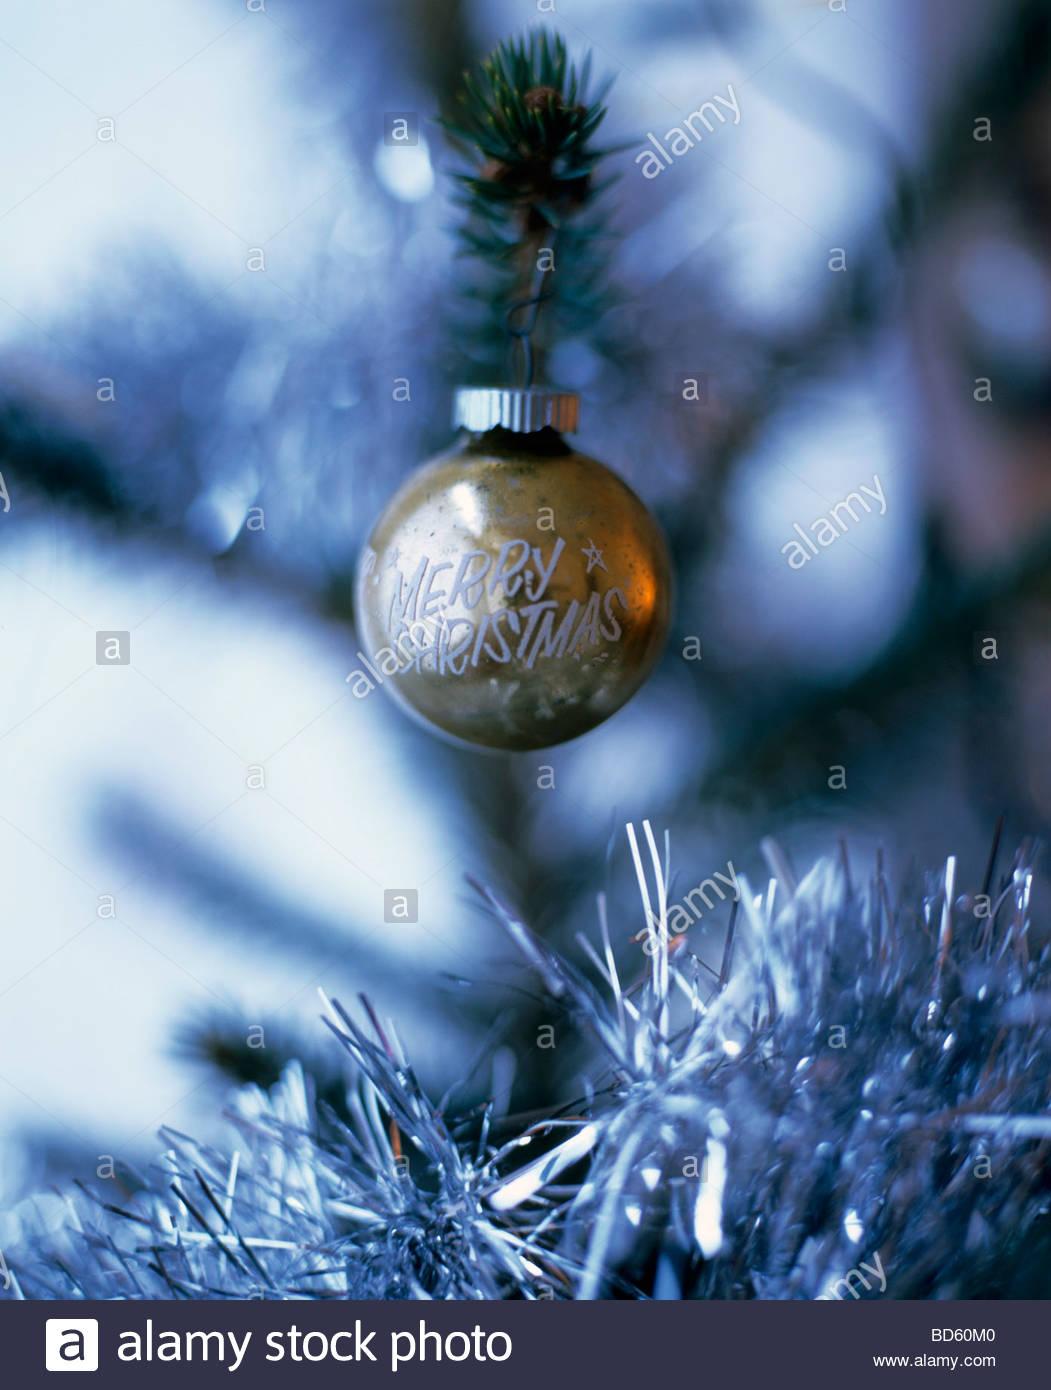 """Adornos de Navidad con las palabras """"Merry Christmas"""" en el árbol Imagen De Stock"""